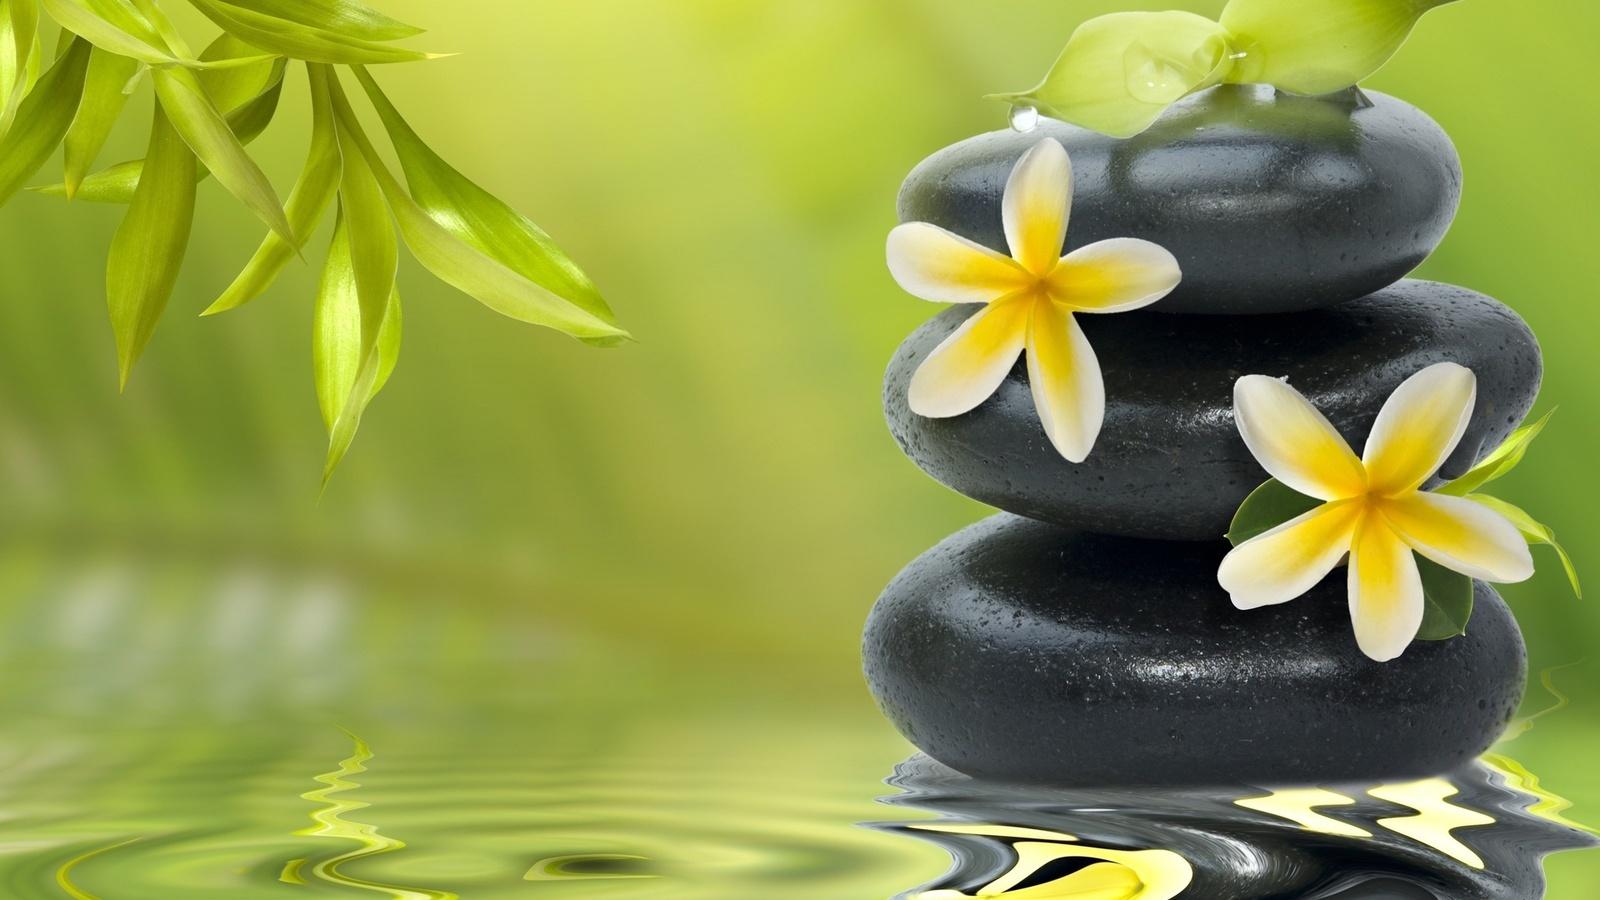 21409 скачать обои Растения, Цветы, Вода, Фон, Камни, Капли - заставки и картинки бесплатно